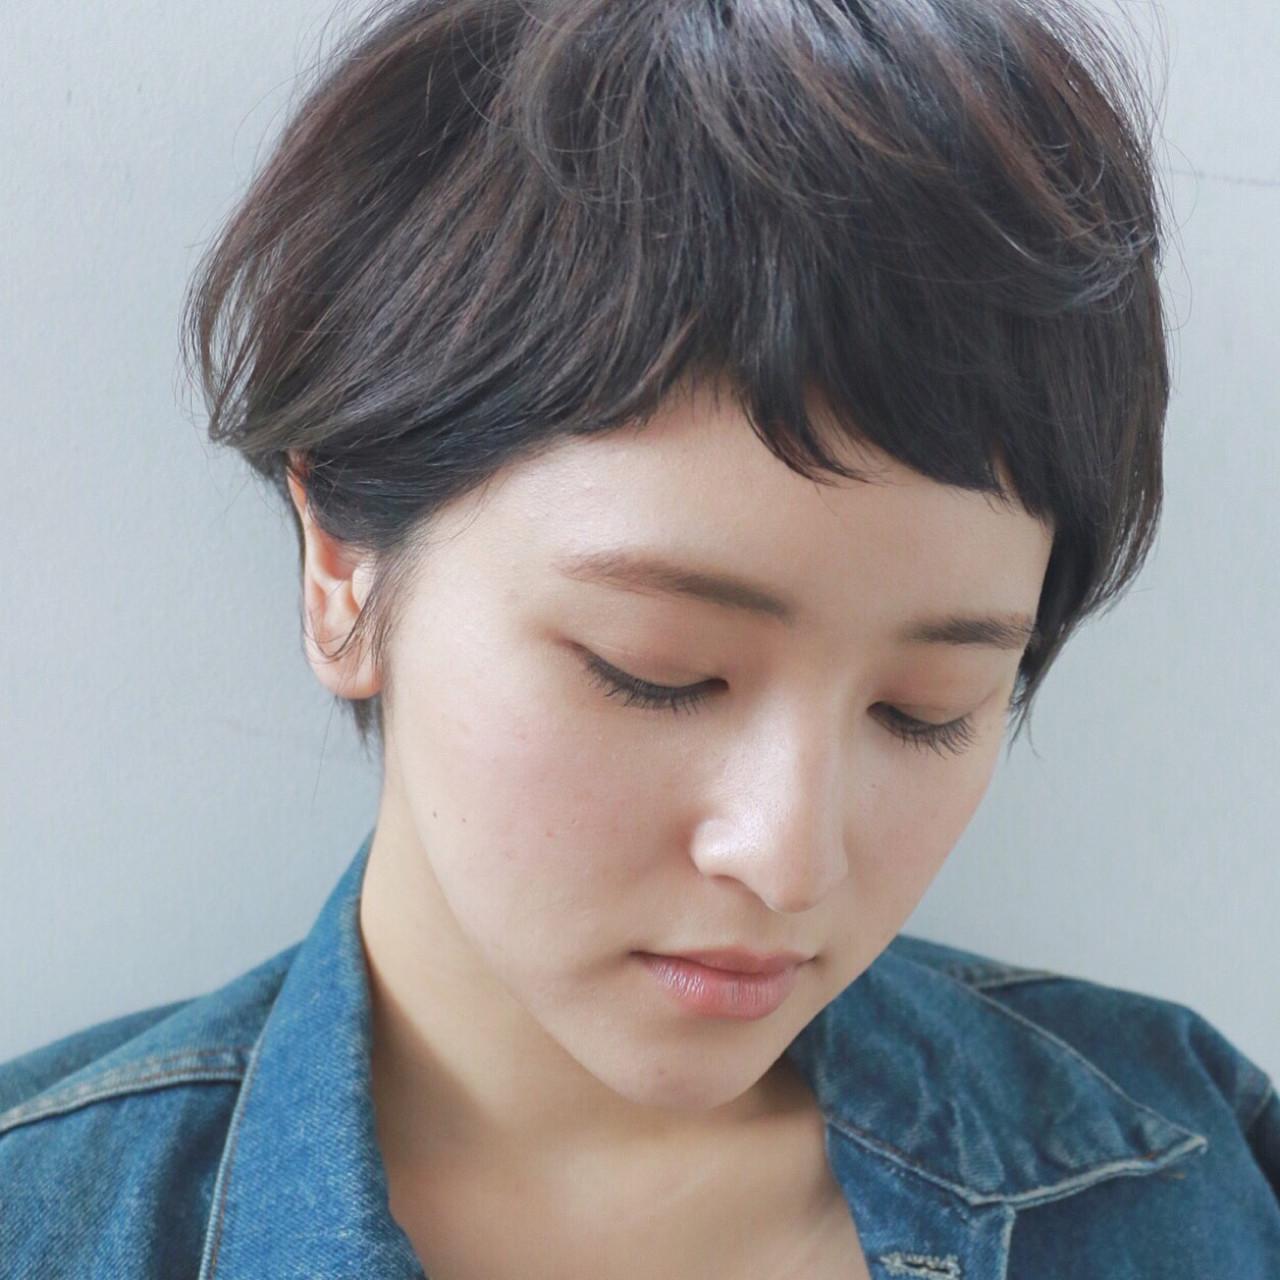 ベリーショート ナチュラル 簡単 ショート ヘアスタイルや髪型の写真・画像